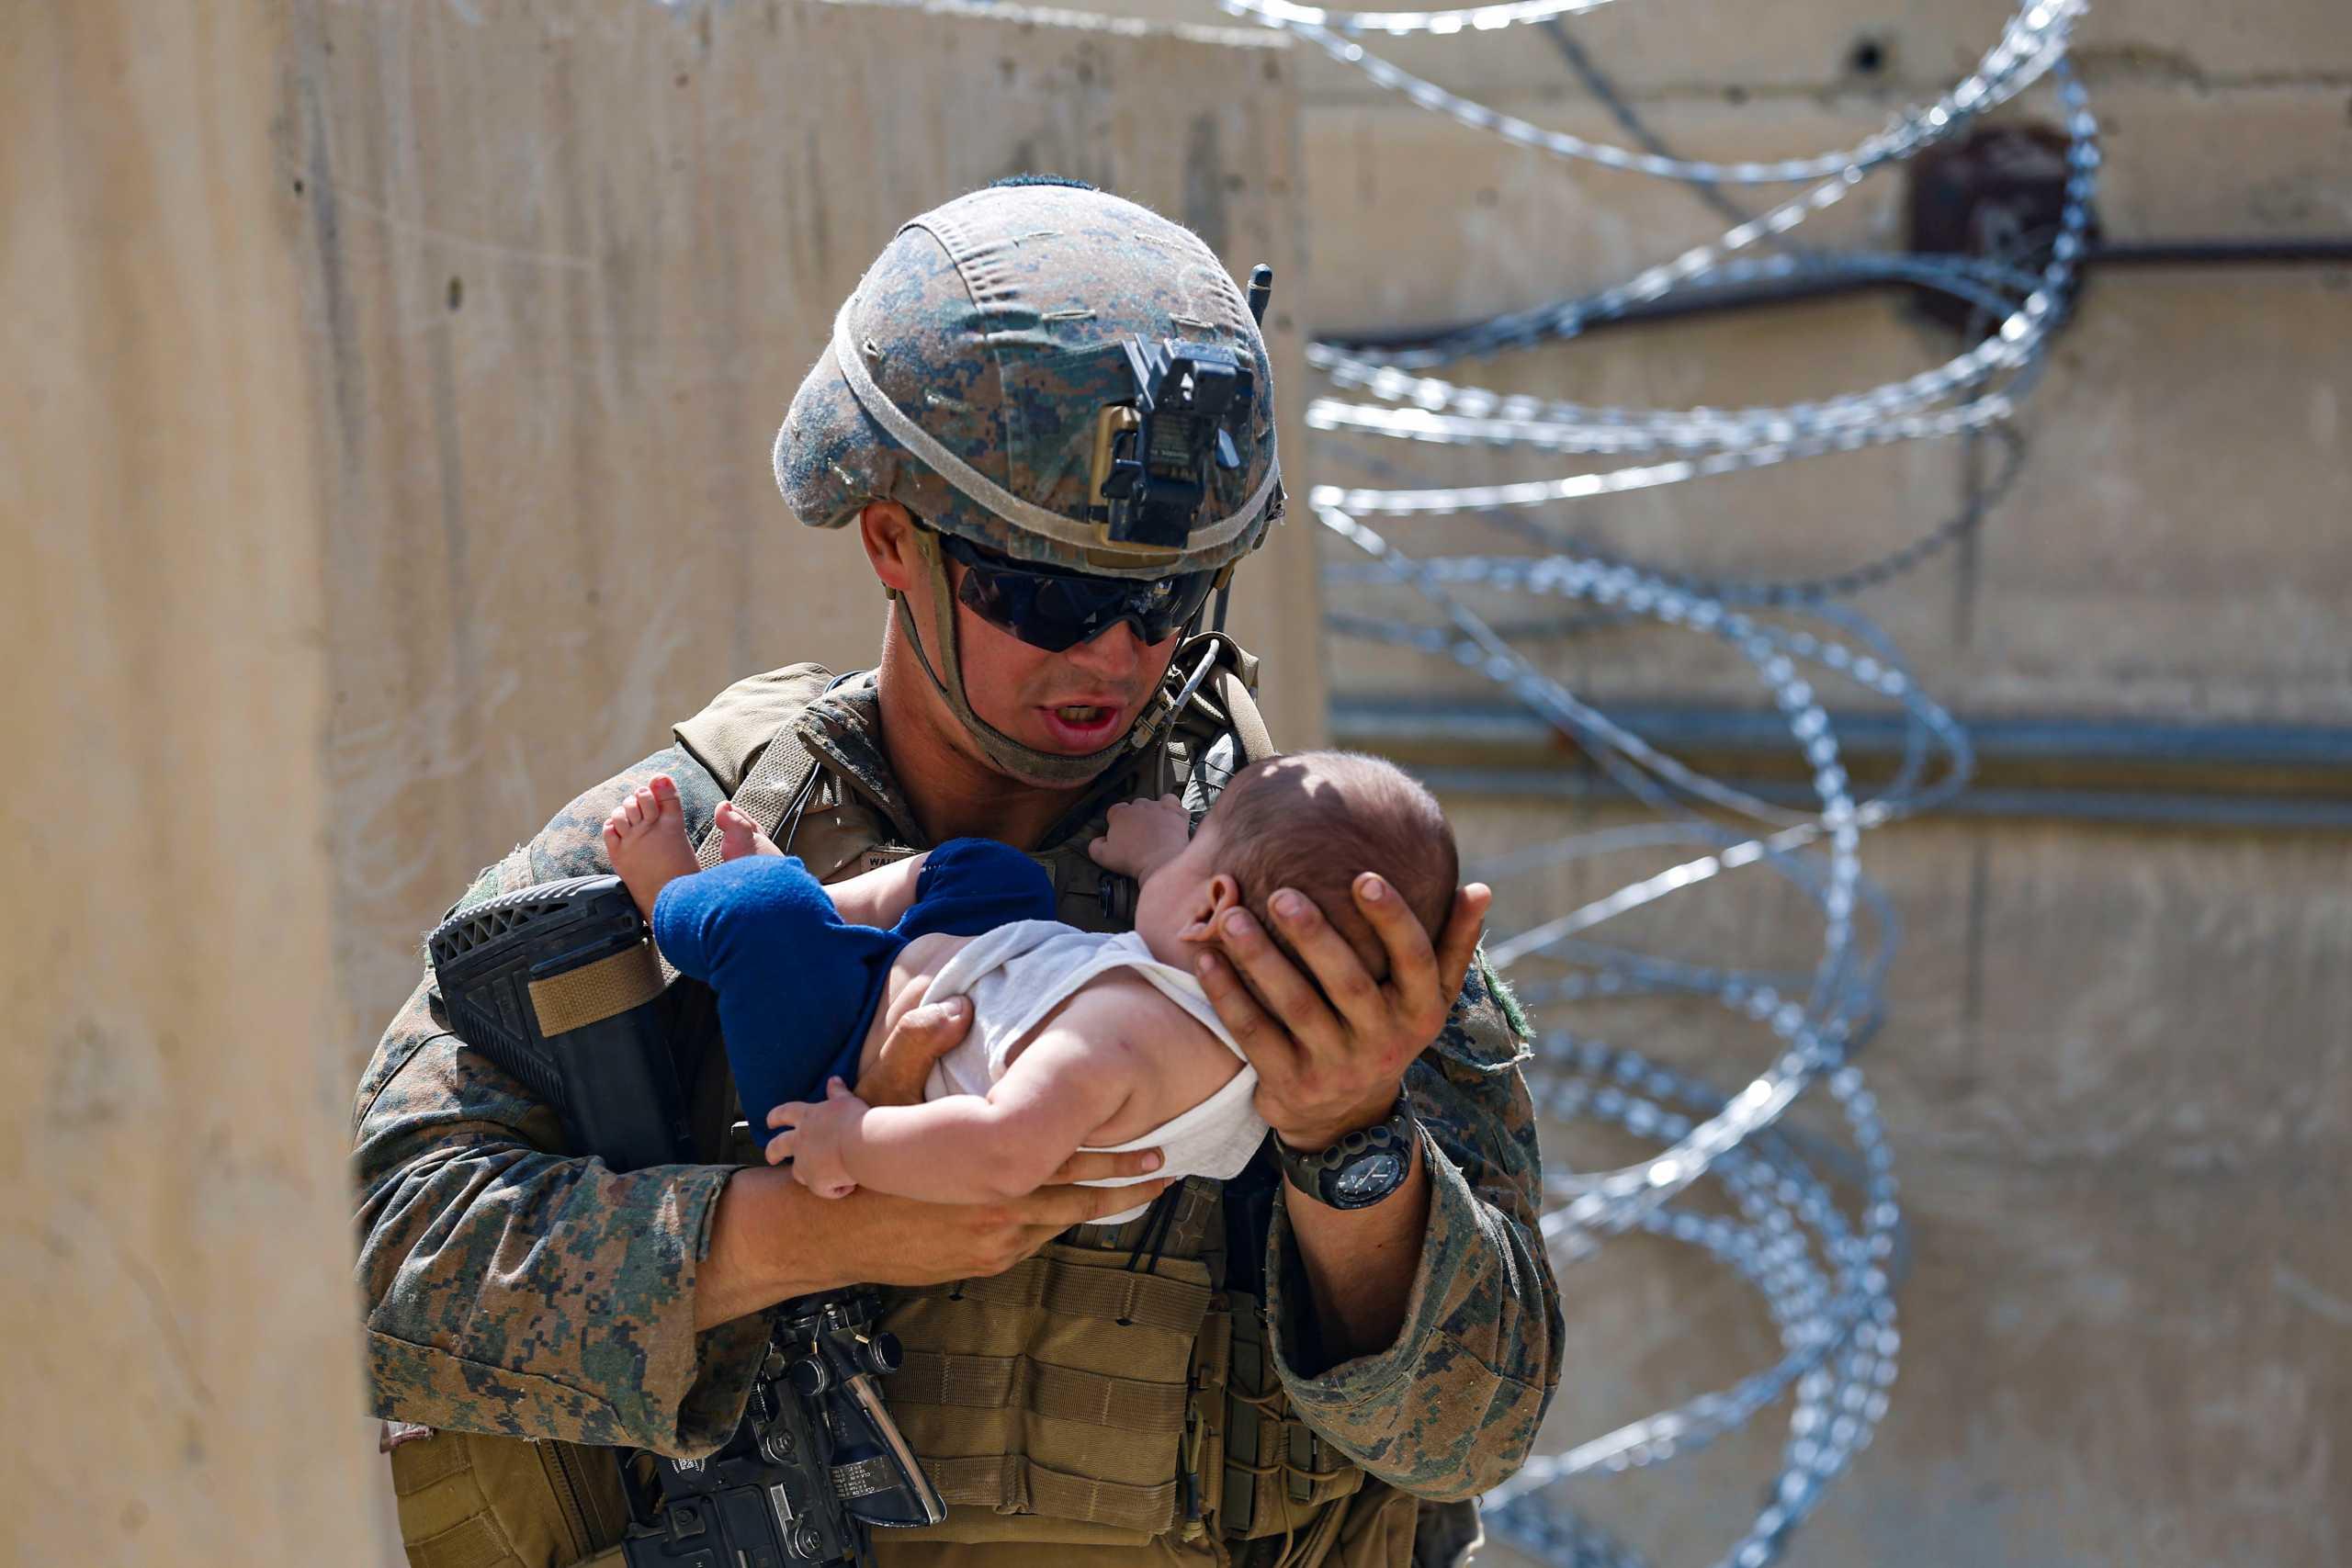 Αφγανιστάν: Η Unicef προσπαθεί να εντοπίσει τις οικογένειες εκατοντάδων παιδιών